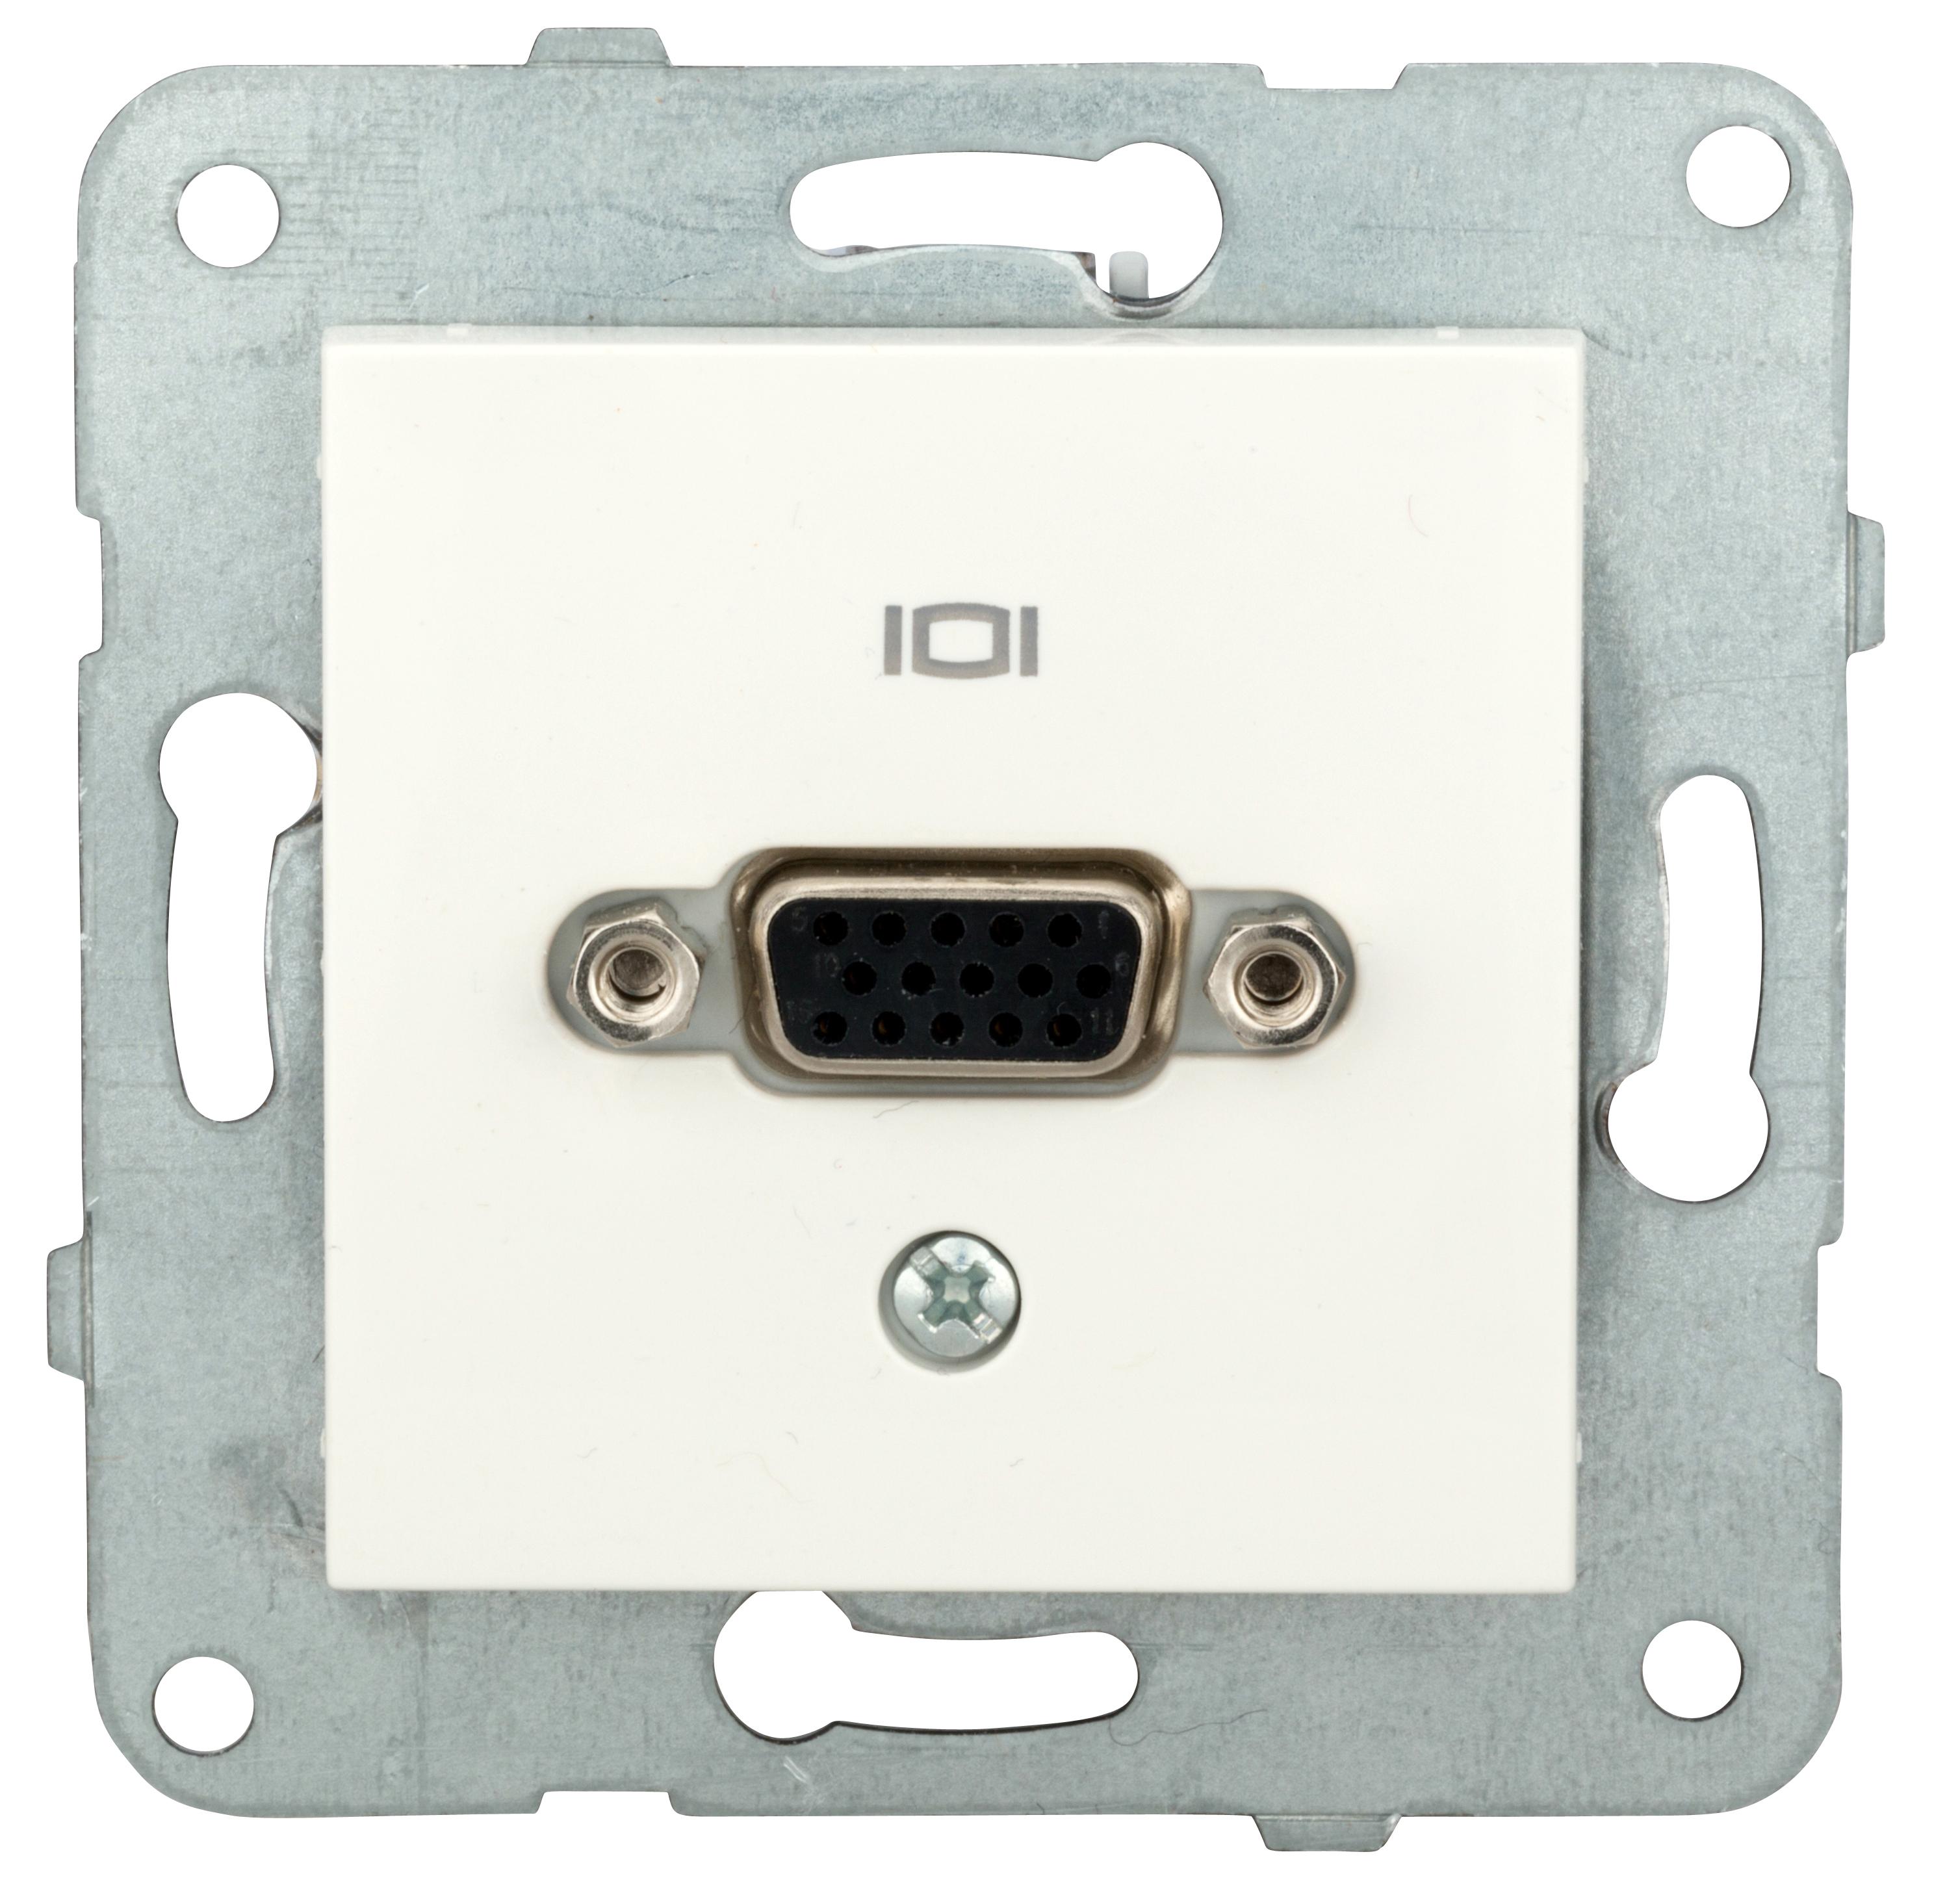 1 Stk VGA Einsatz mit Schraubanschluss EV104053--